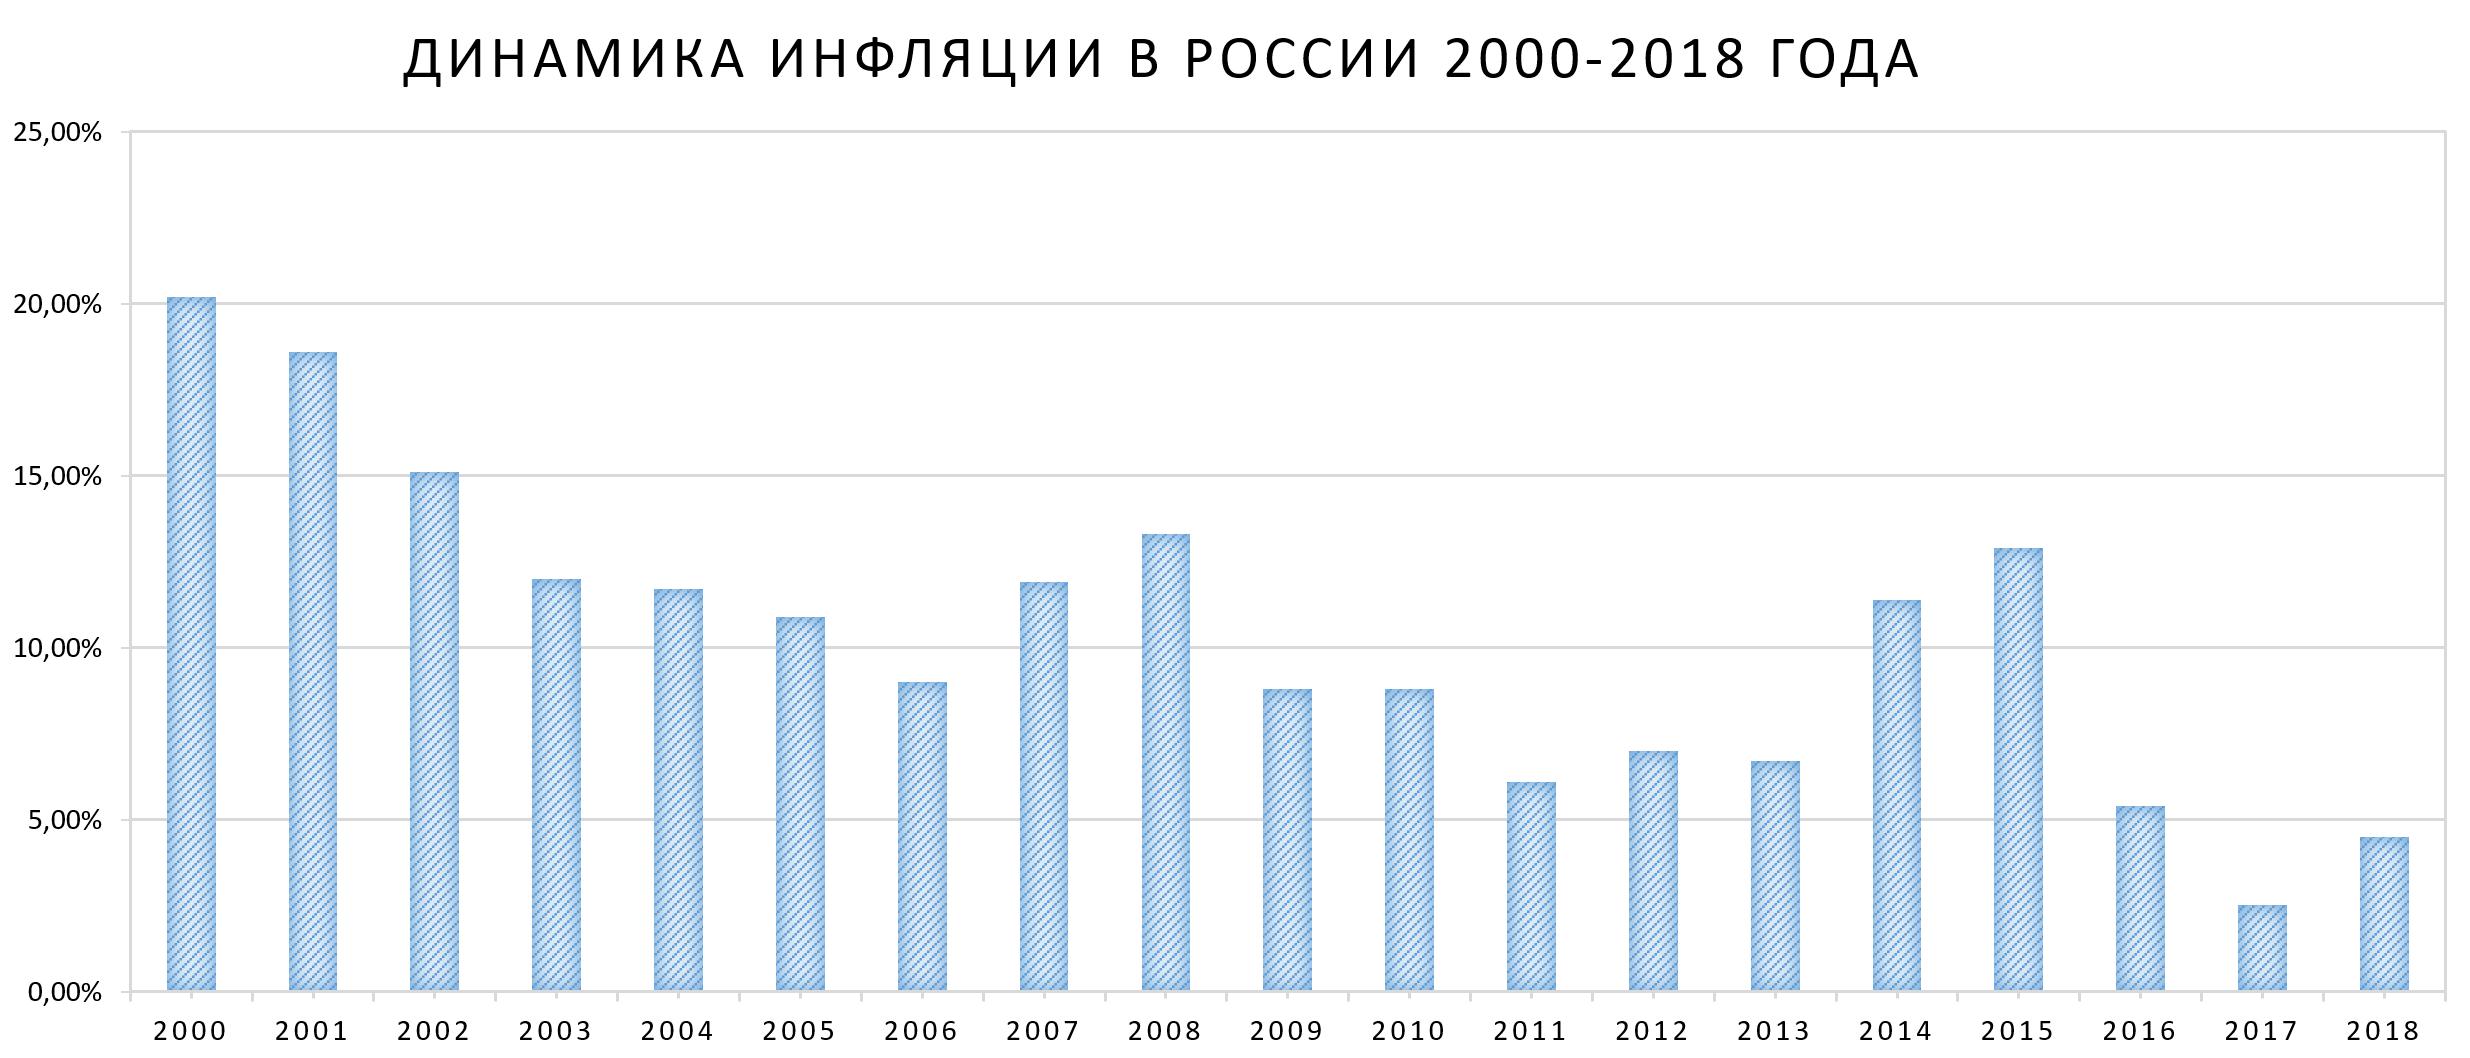 Динамика Инфляции в России 2000-2018 года